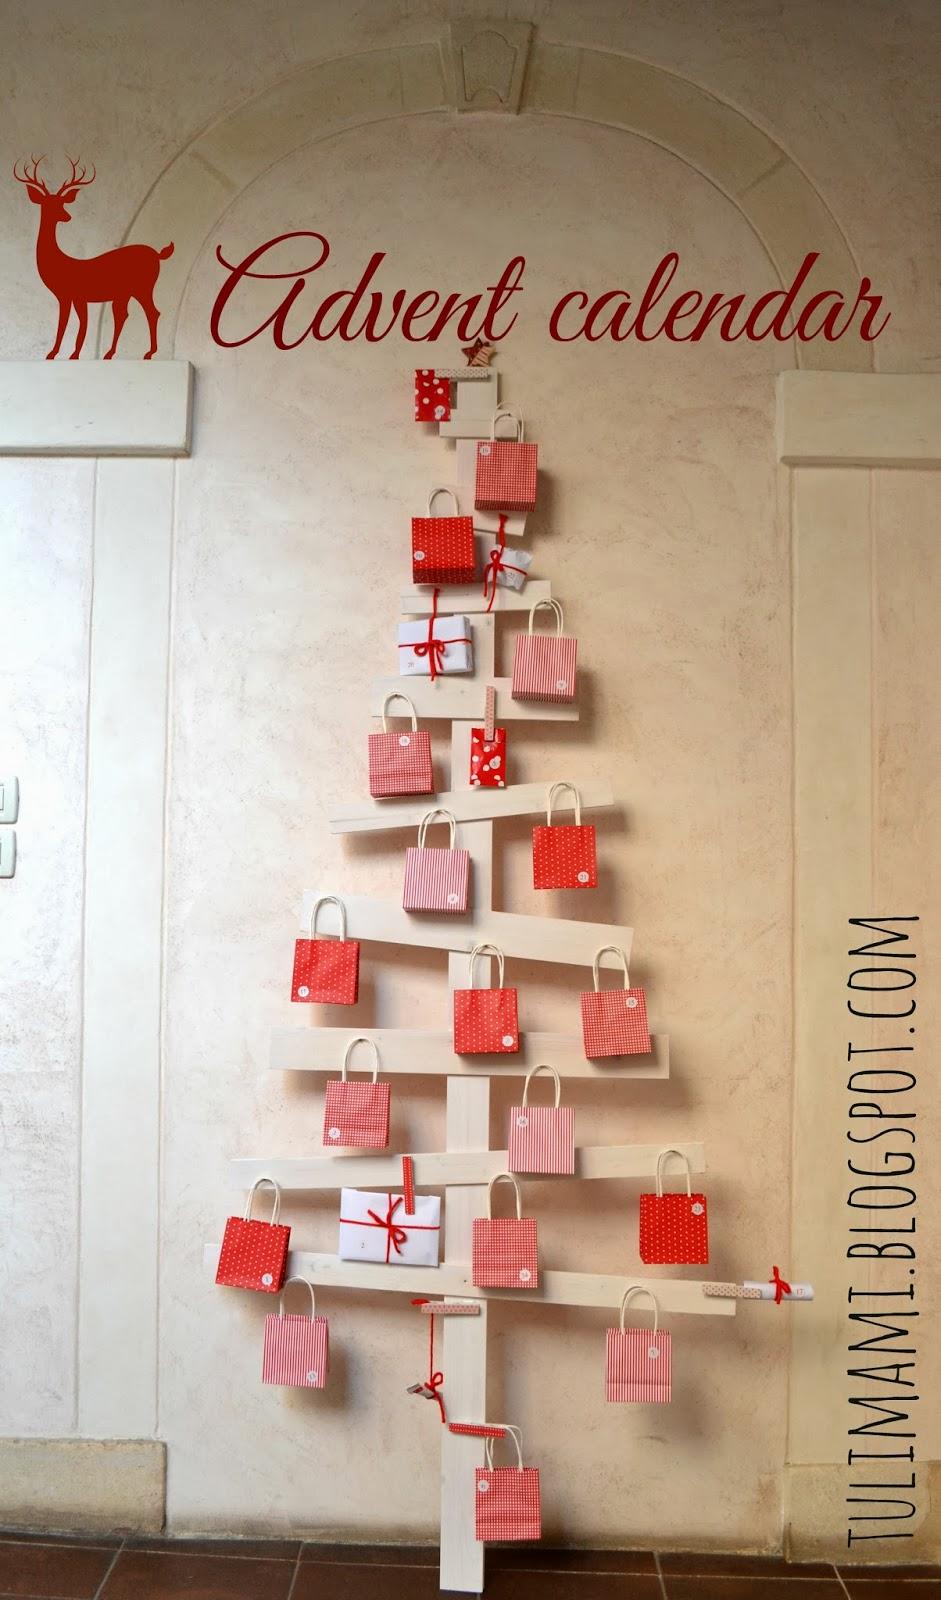 natale idee calendario avvento : te di oggi ? un albero di legno che diventa calendario dell?avvento ...